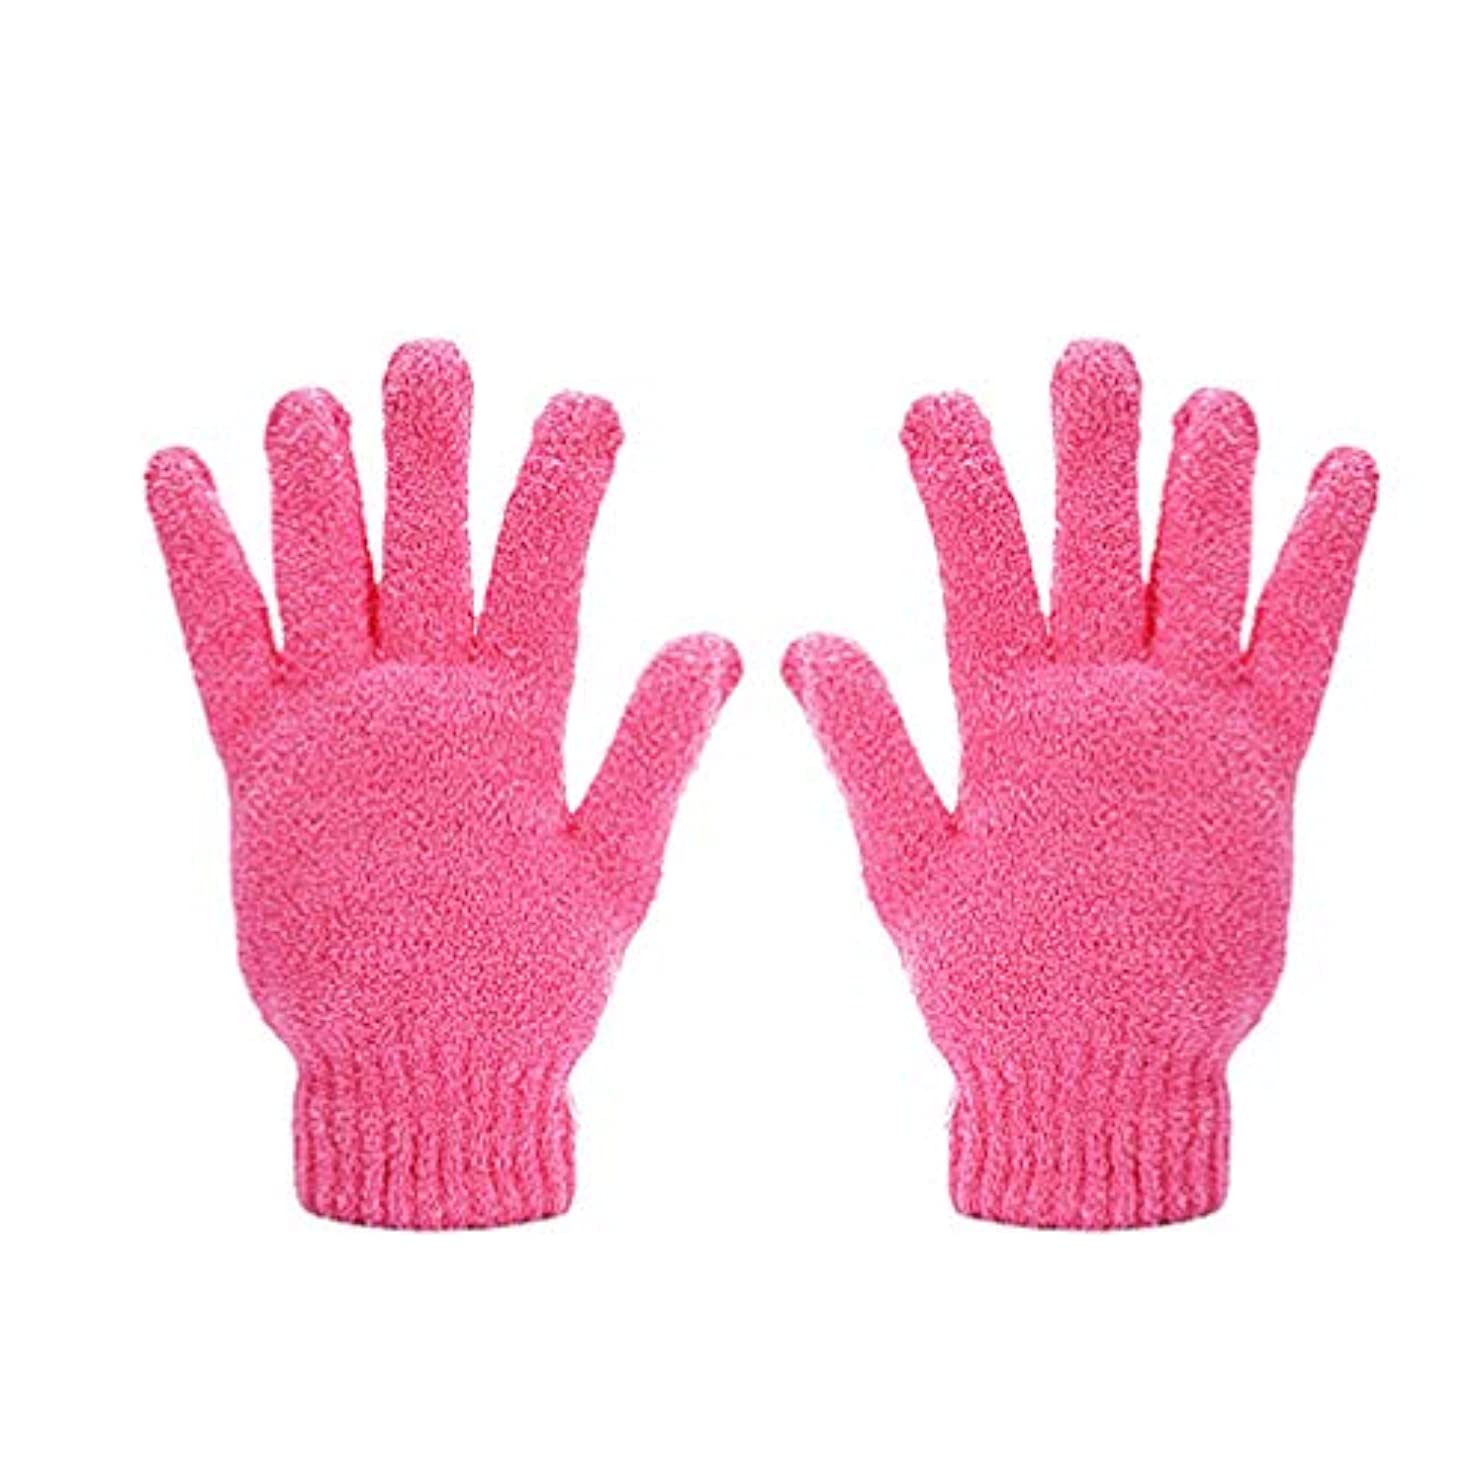 暗記するエレメンタルスリップシューズMinkissy 2本の乾燥手袋耐久性のある吸水5本指乾燥手袋女性男性用ヘアドライヤー用品(ピンク)